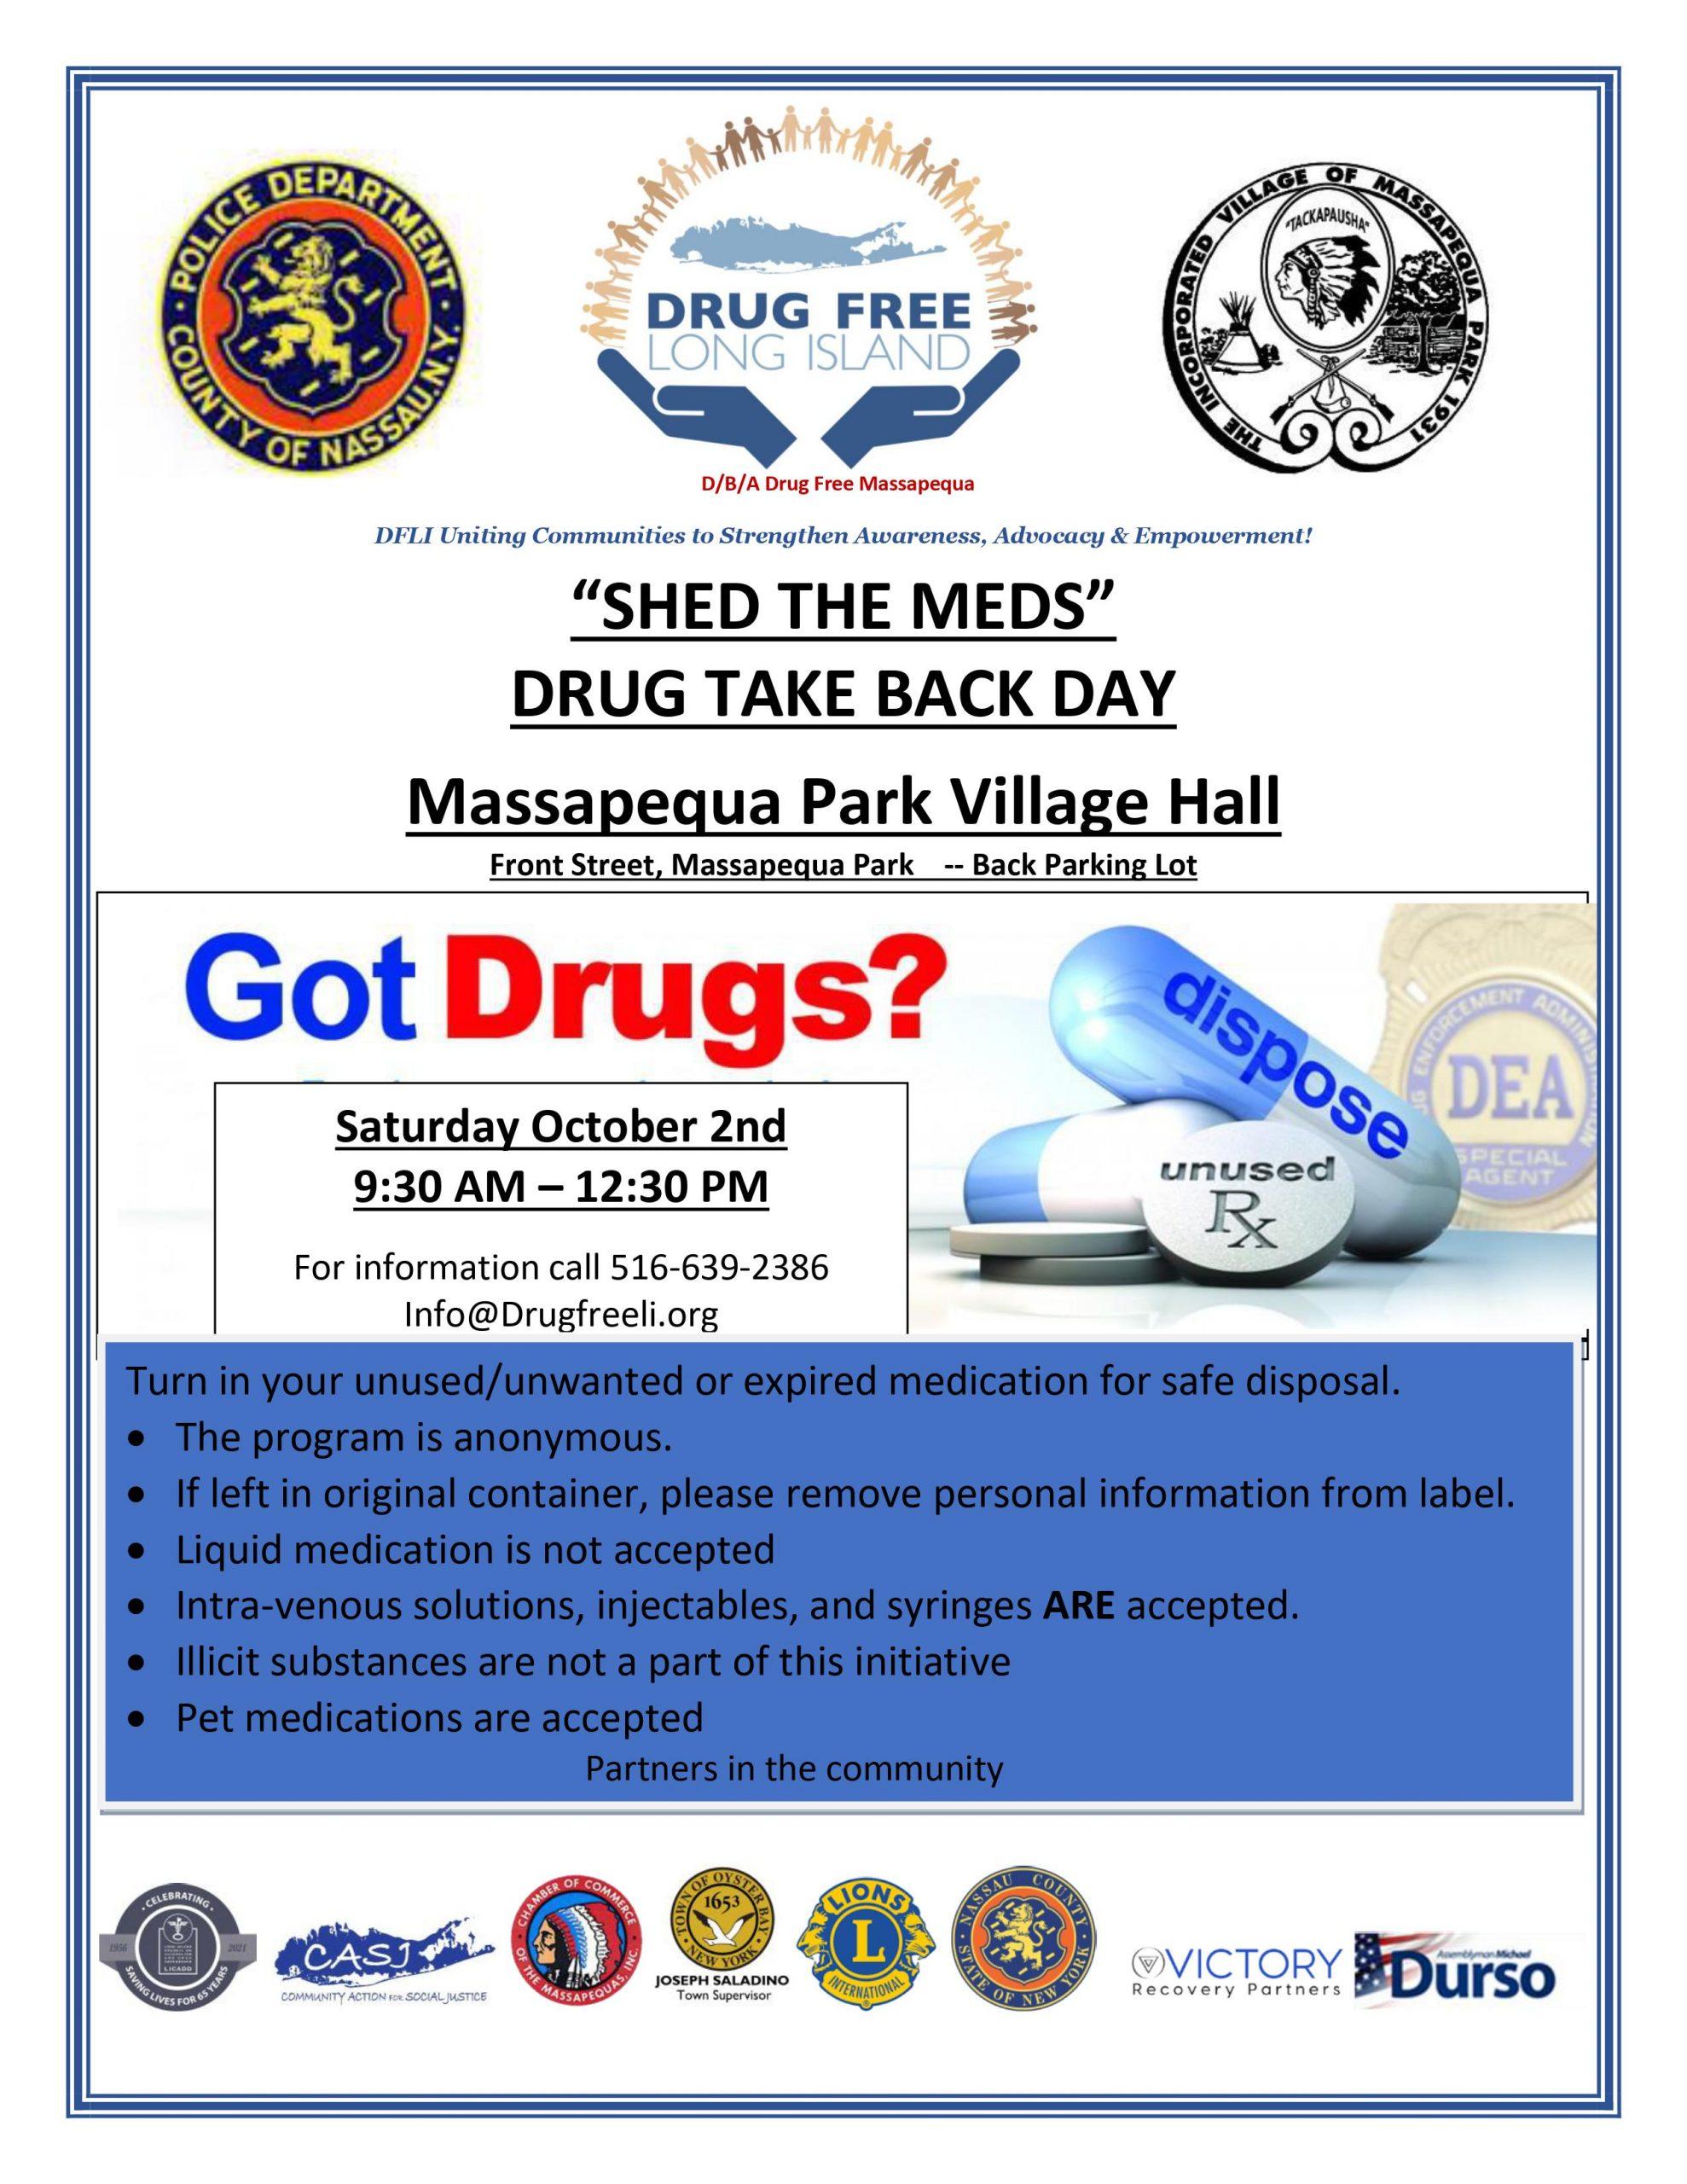 Shed the Meds - Drug Take-Back Day @ Massapequa Park Village Hall (Back Parking Lot)